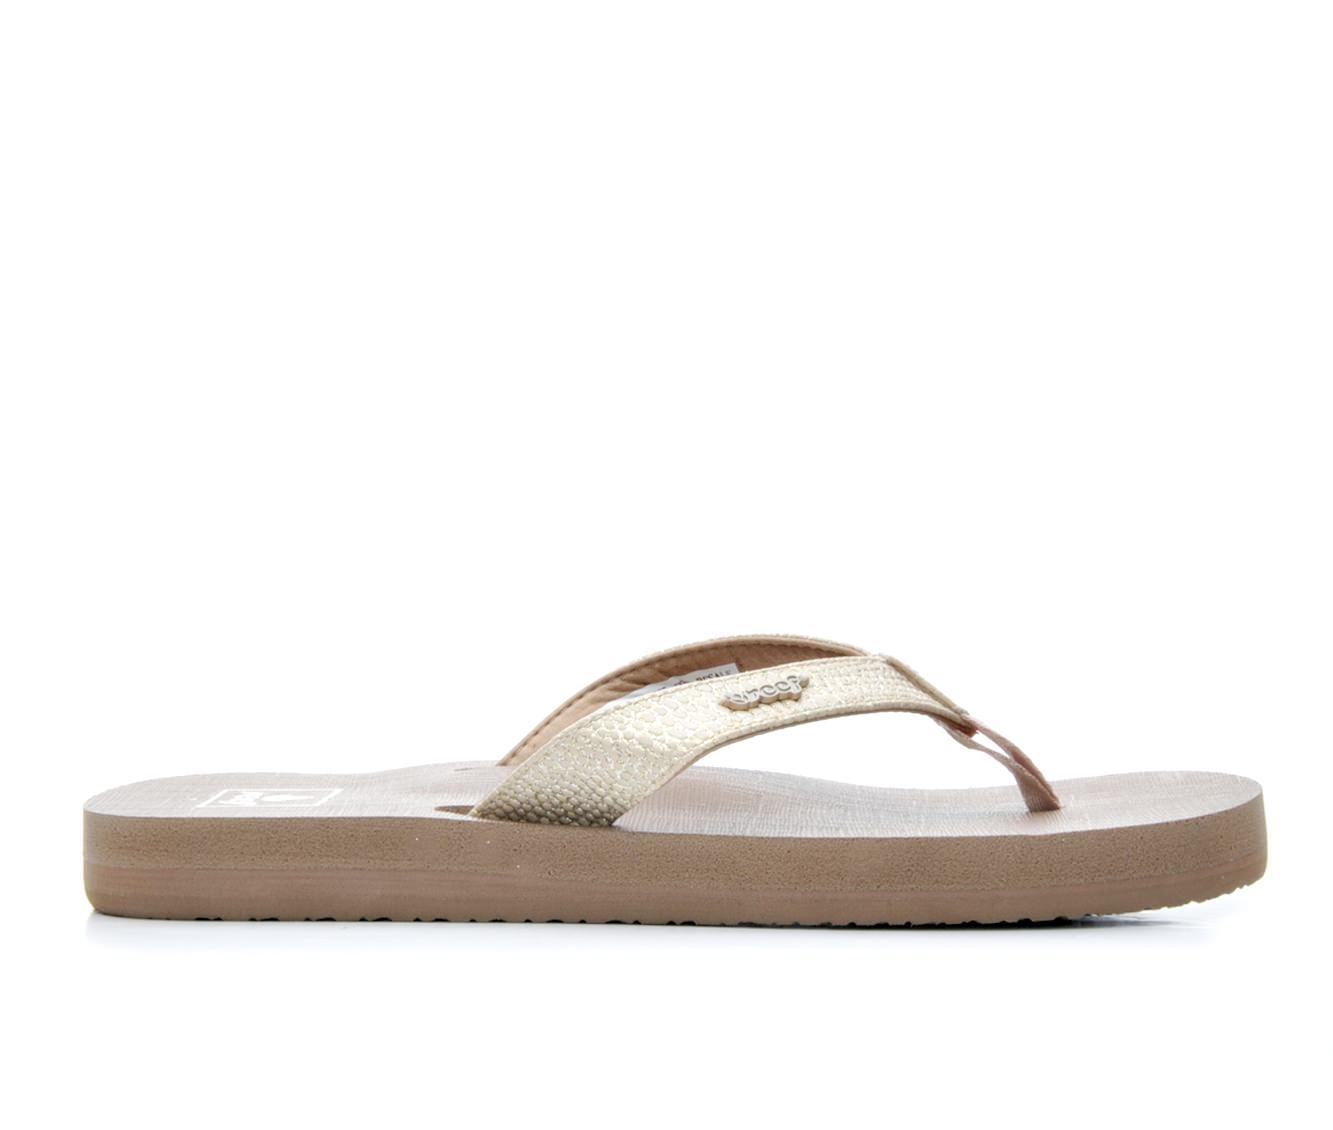 Women's Reef Sassy Star Sandals (Beige)